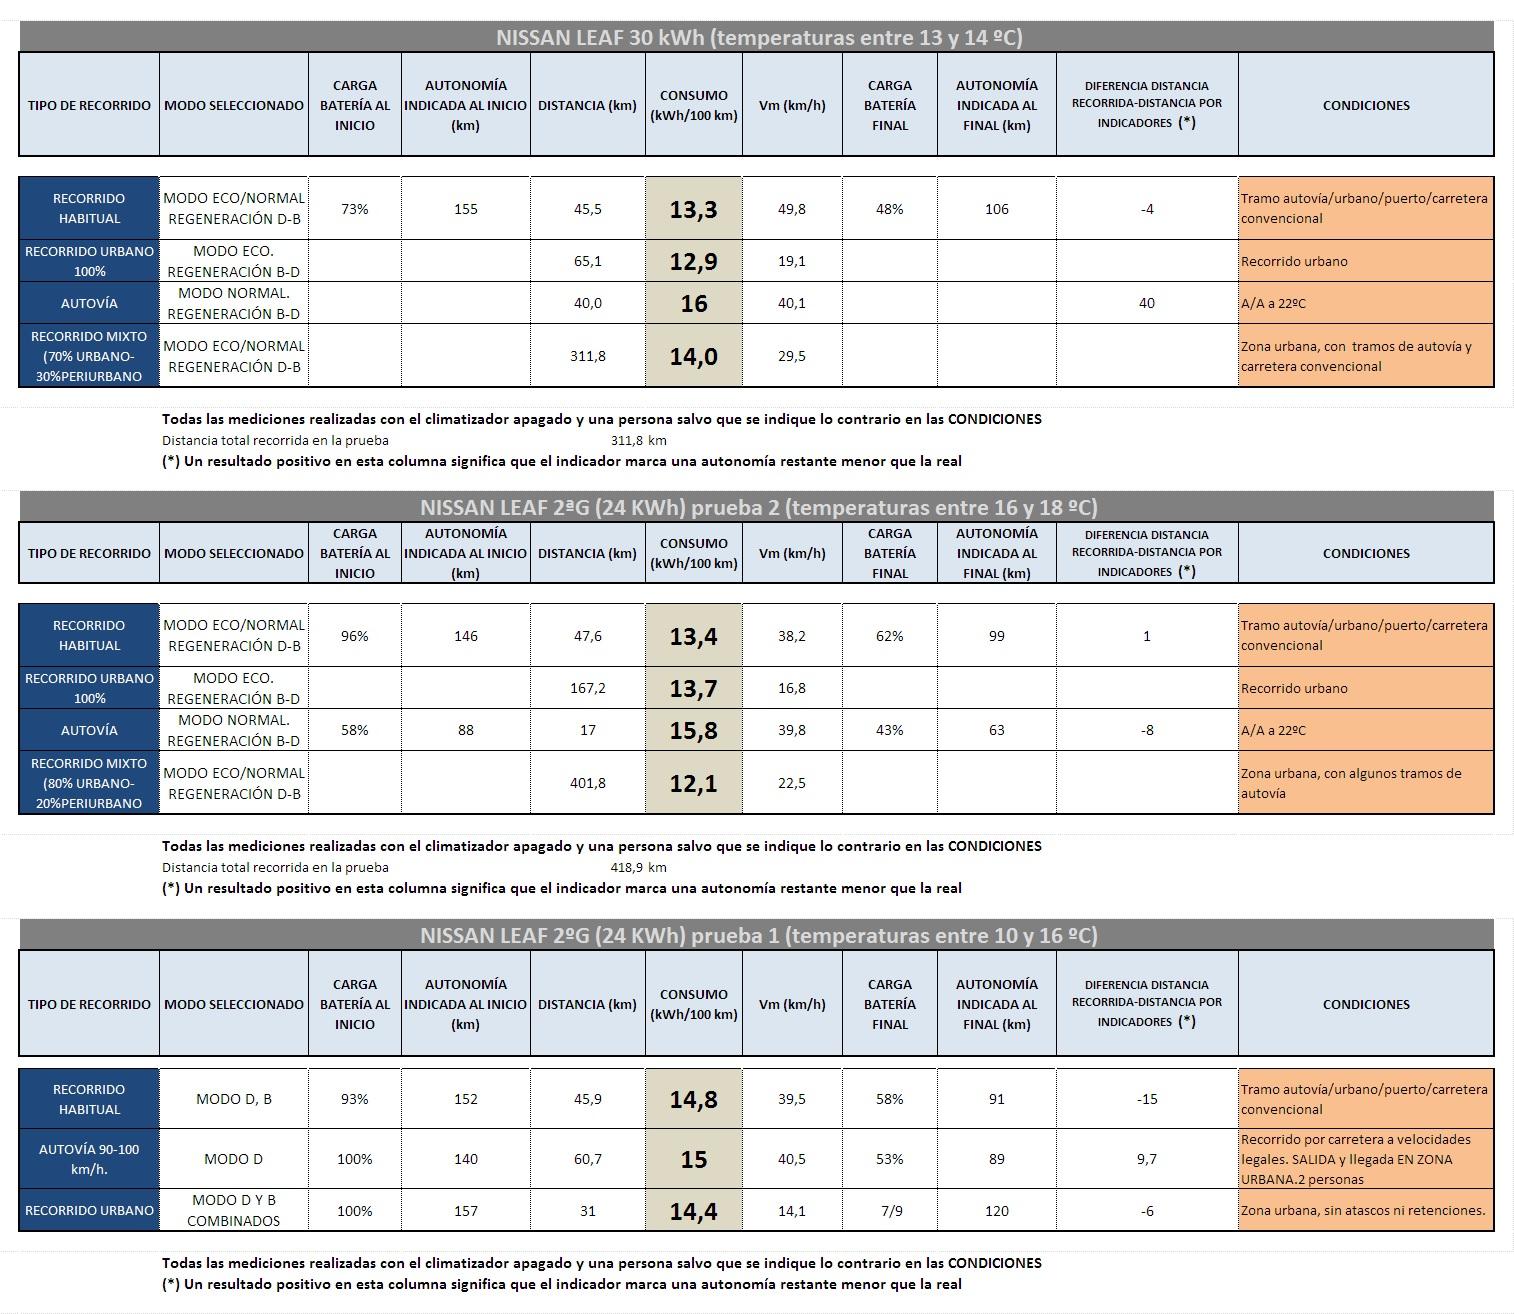 Tabla de consumos comparada Nissan Leaf 24 y 30 kWh